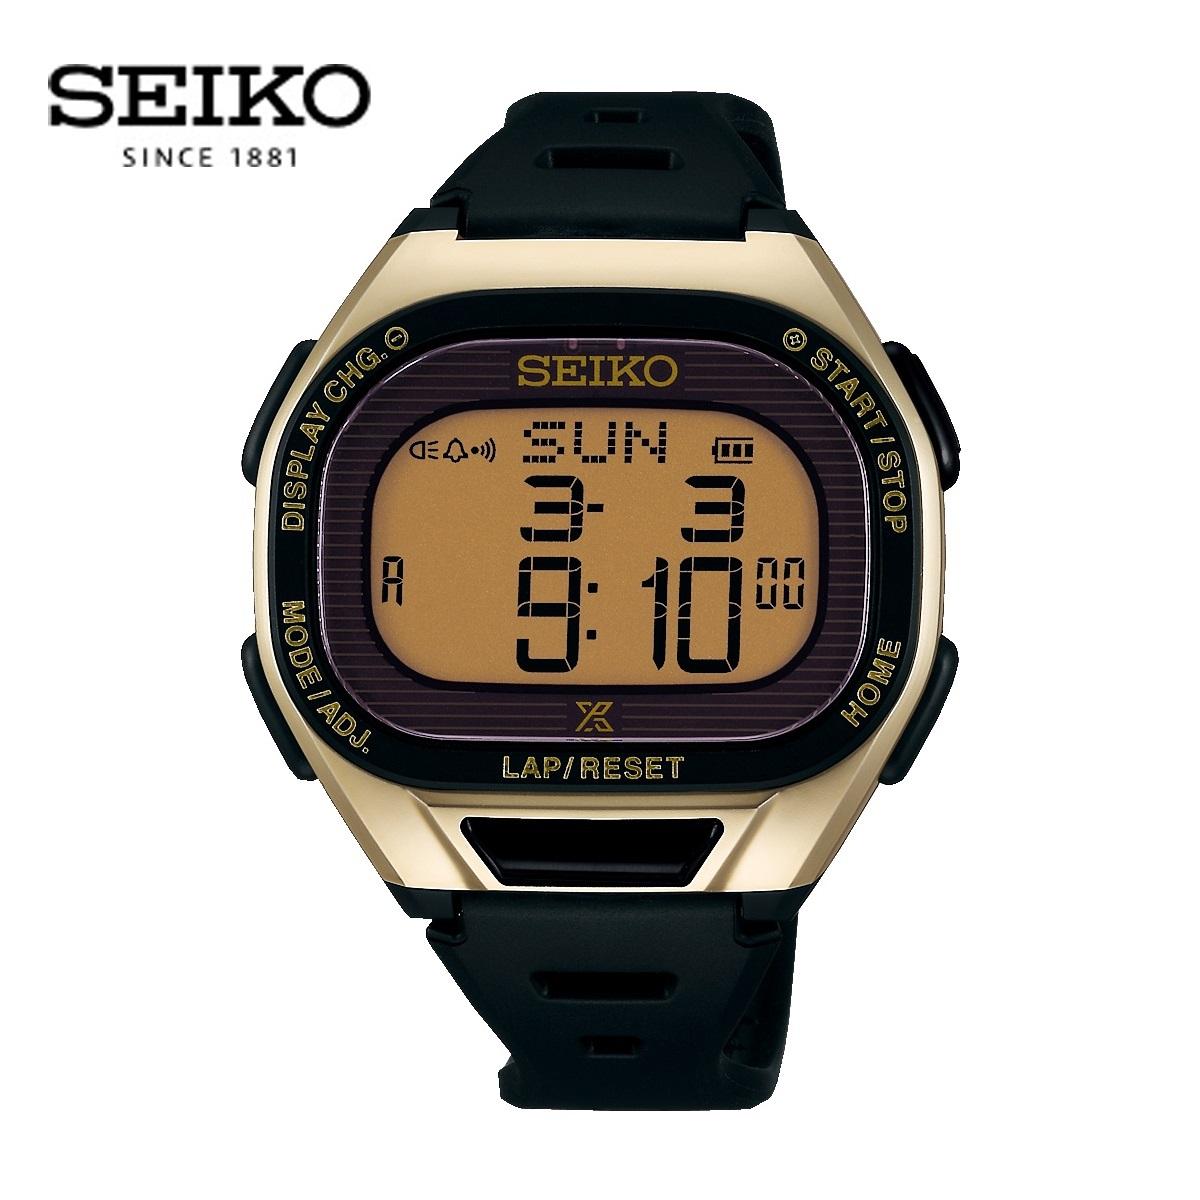 セイコー SEIKO「<セイコー プロスペックス>スーパーランナーズ ソーラー 東京マラソン記念限定モデル」SBEF050